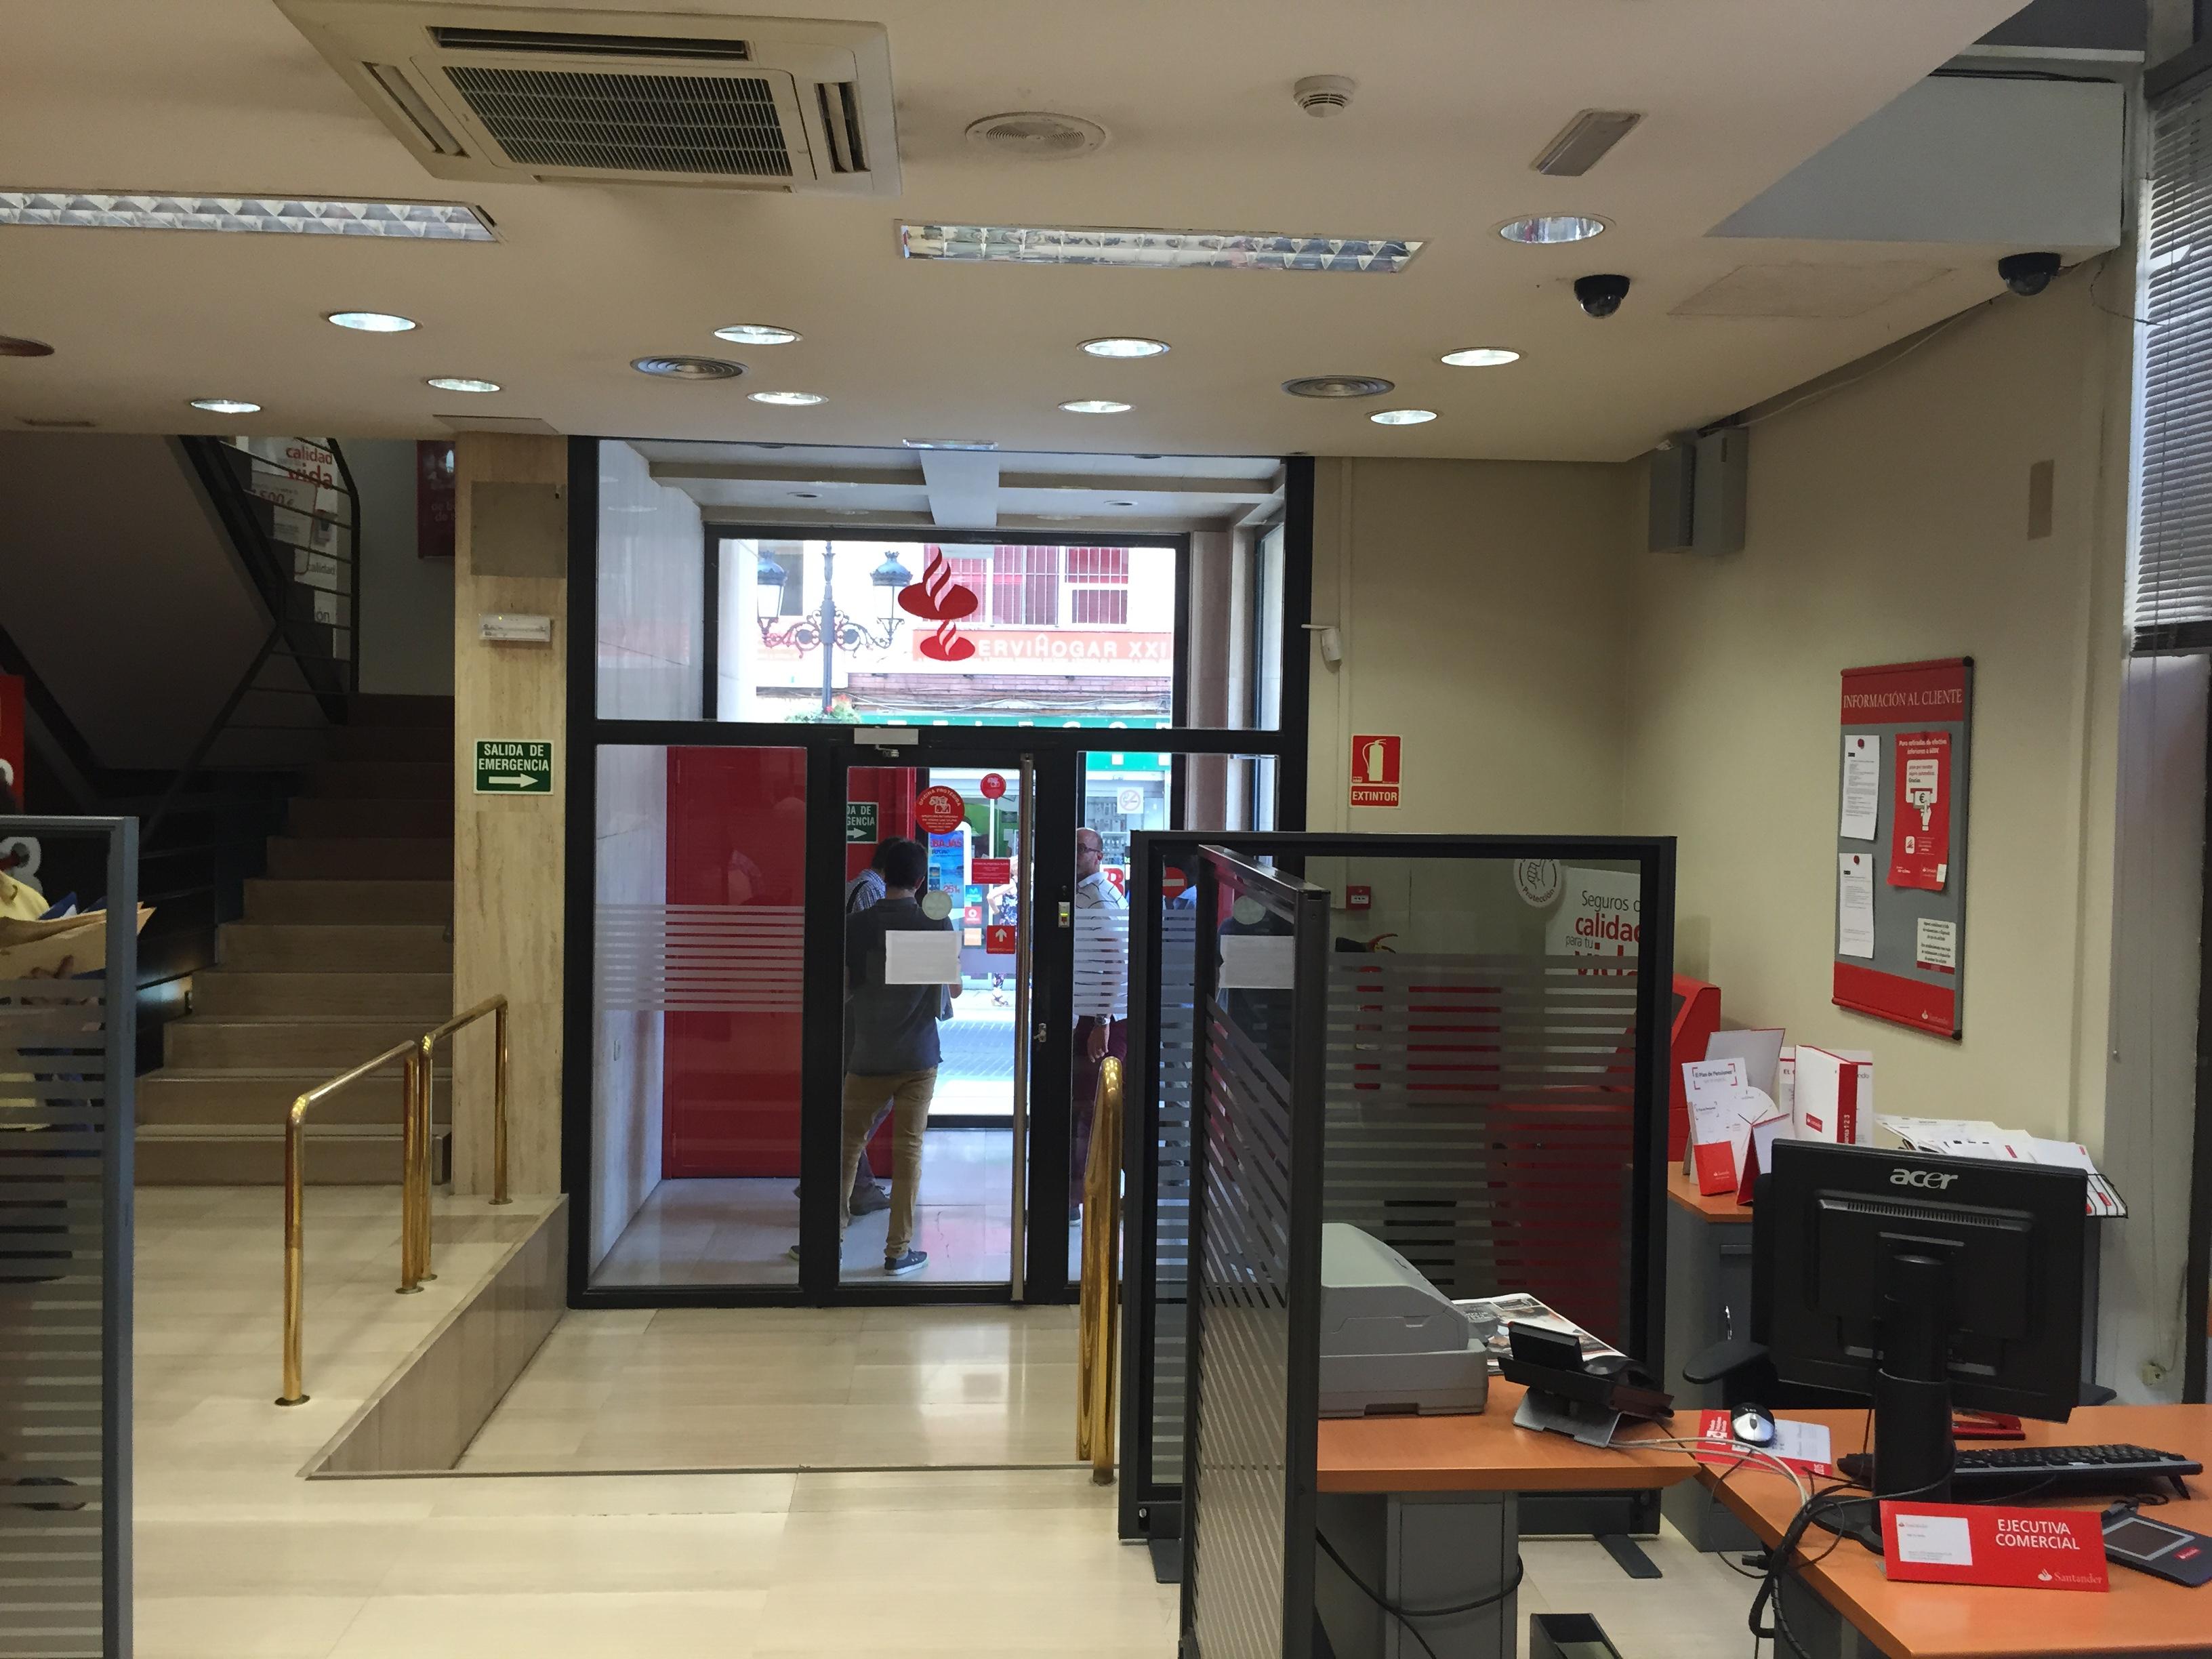 Mejora accesibilidad oficina santader 4898 castell n bojuna for Oficinas banco santander valencia